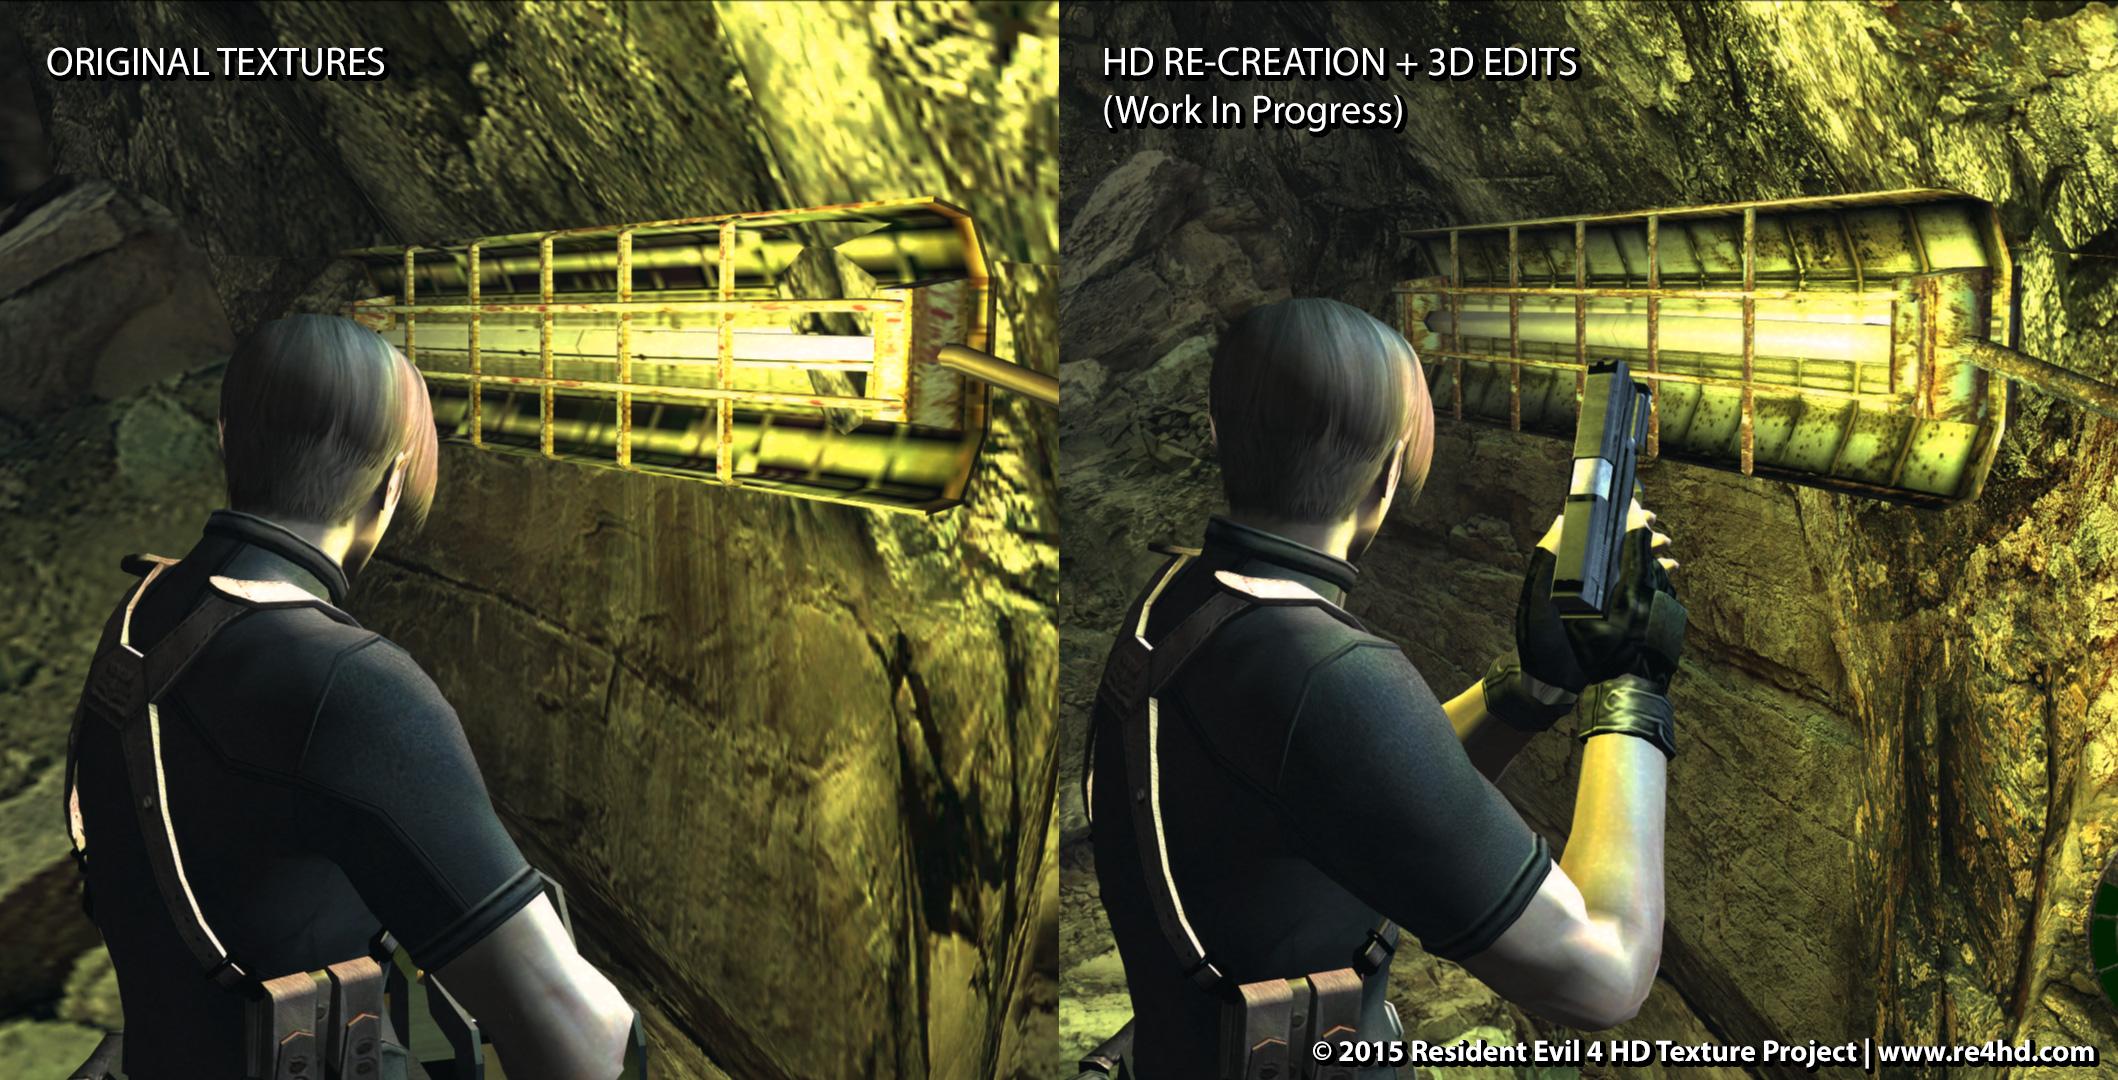 Something resident evil 4 upskirt screenshots quite good